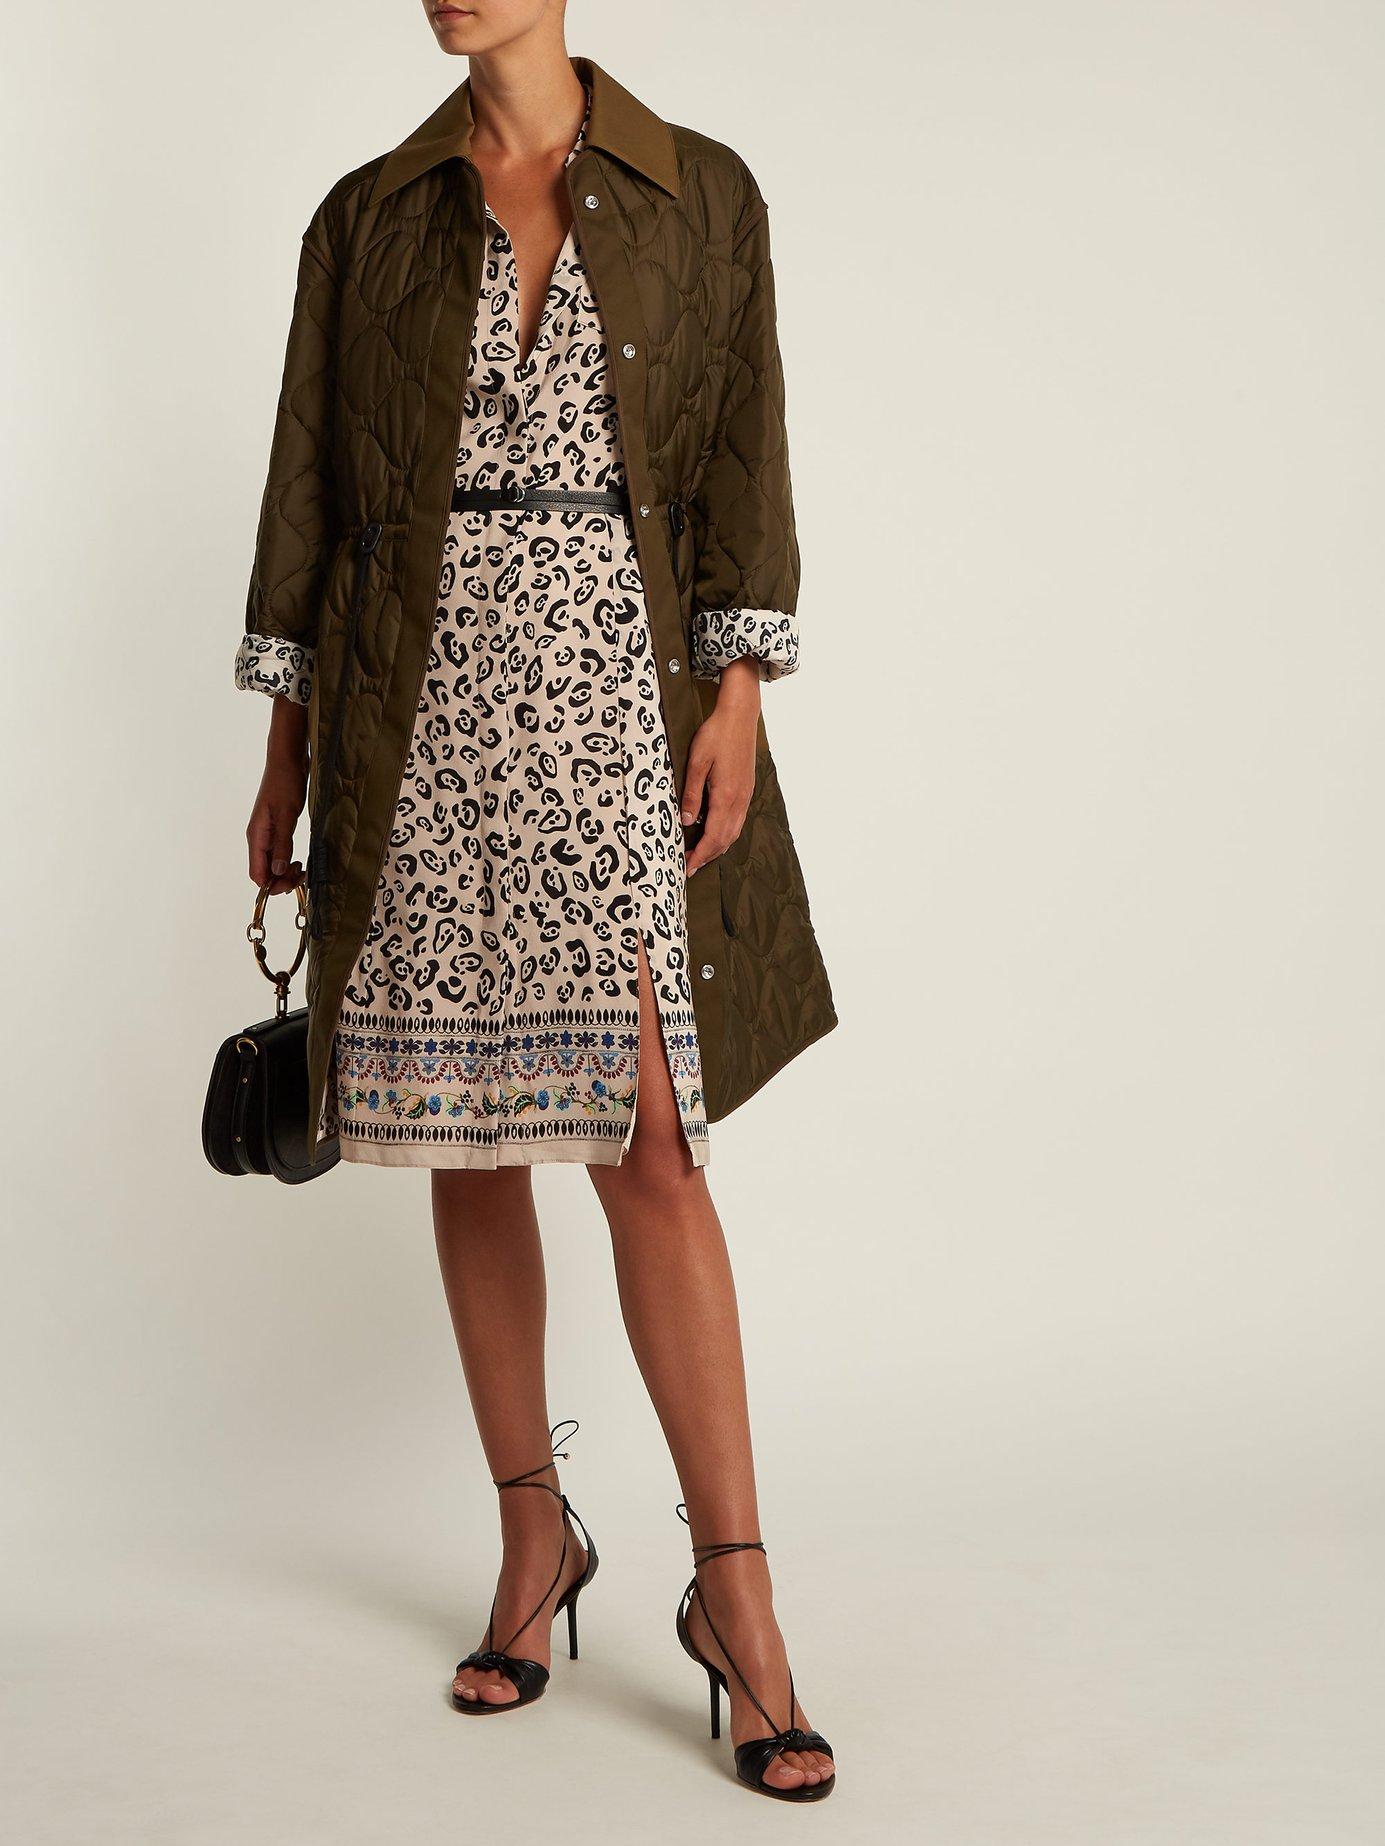 Keiran leopard-print silk shirt dress by Altuzarra